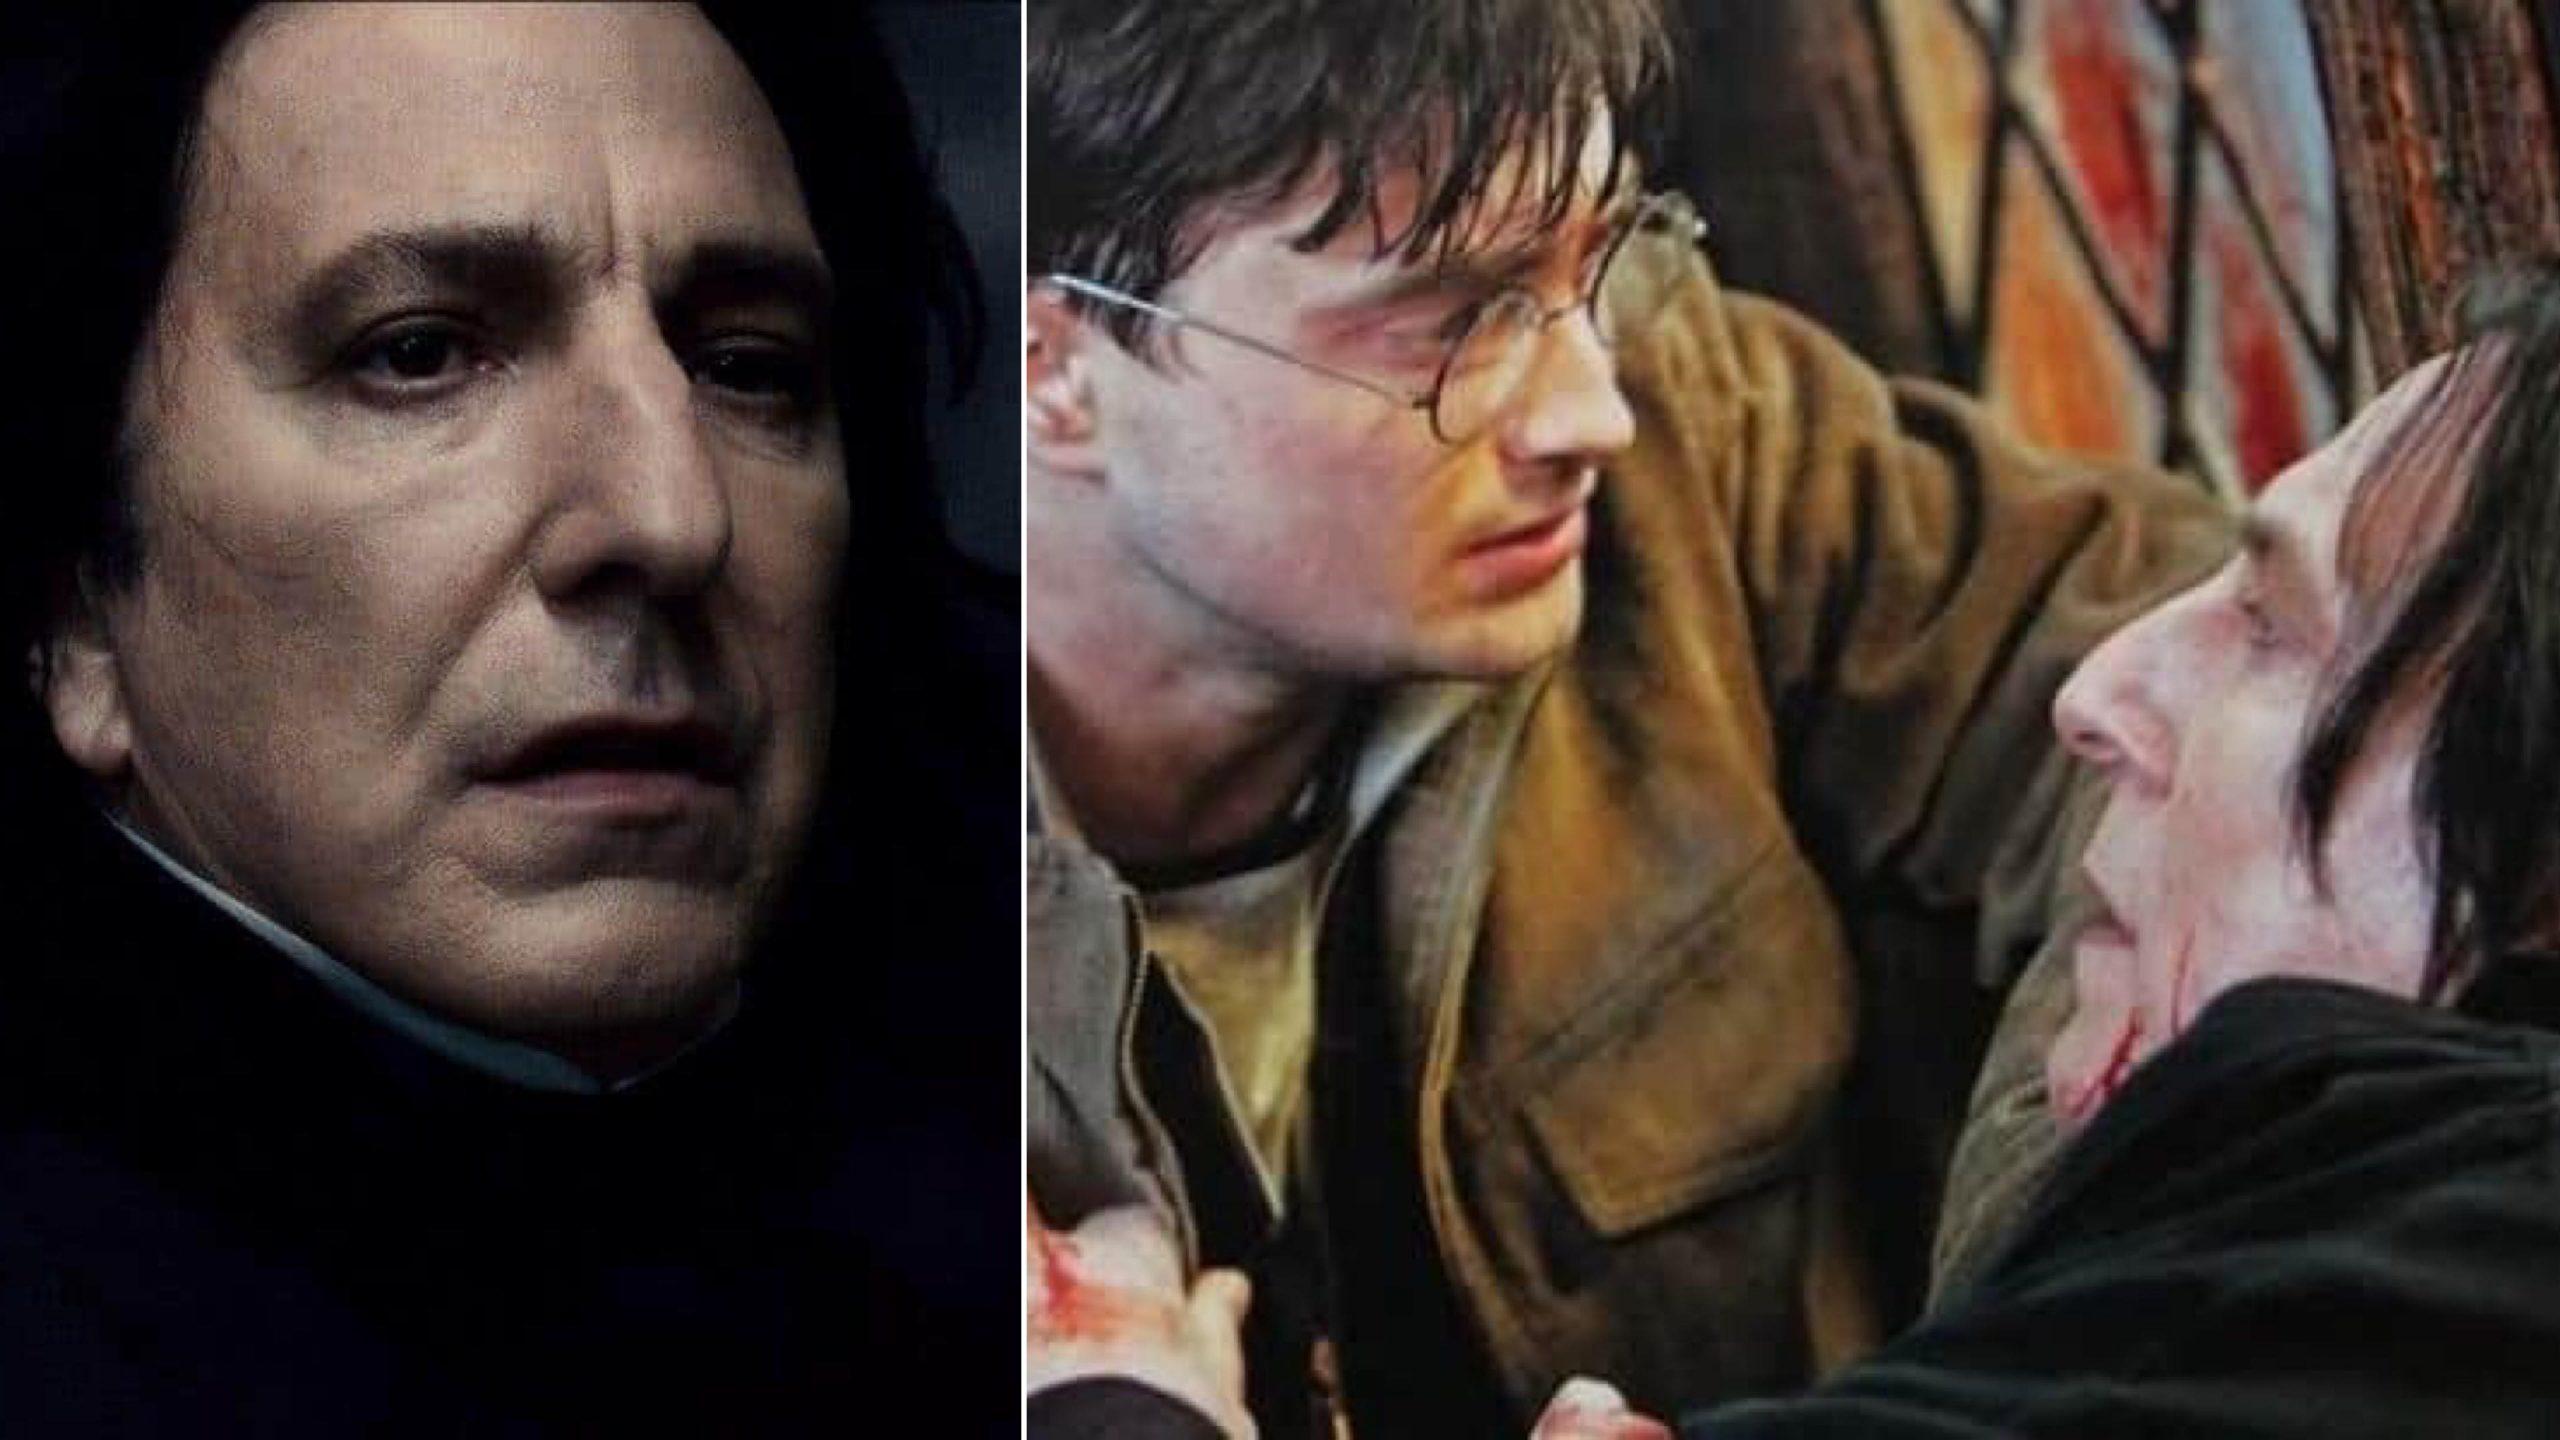 如果《哈利波特》石內卜的最後一句話是「I'm your father」那劇情將會如何發展? – 我們用電影寫日記